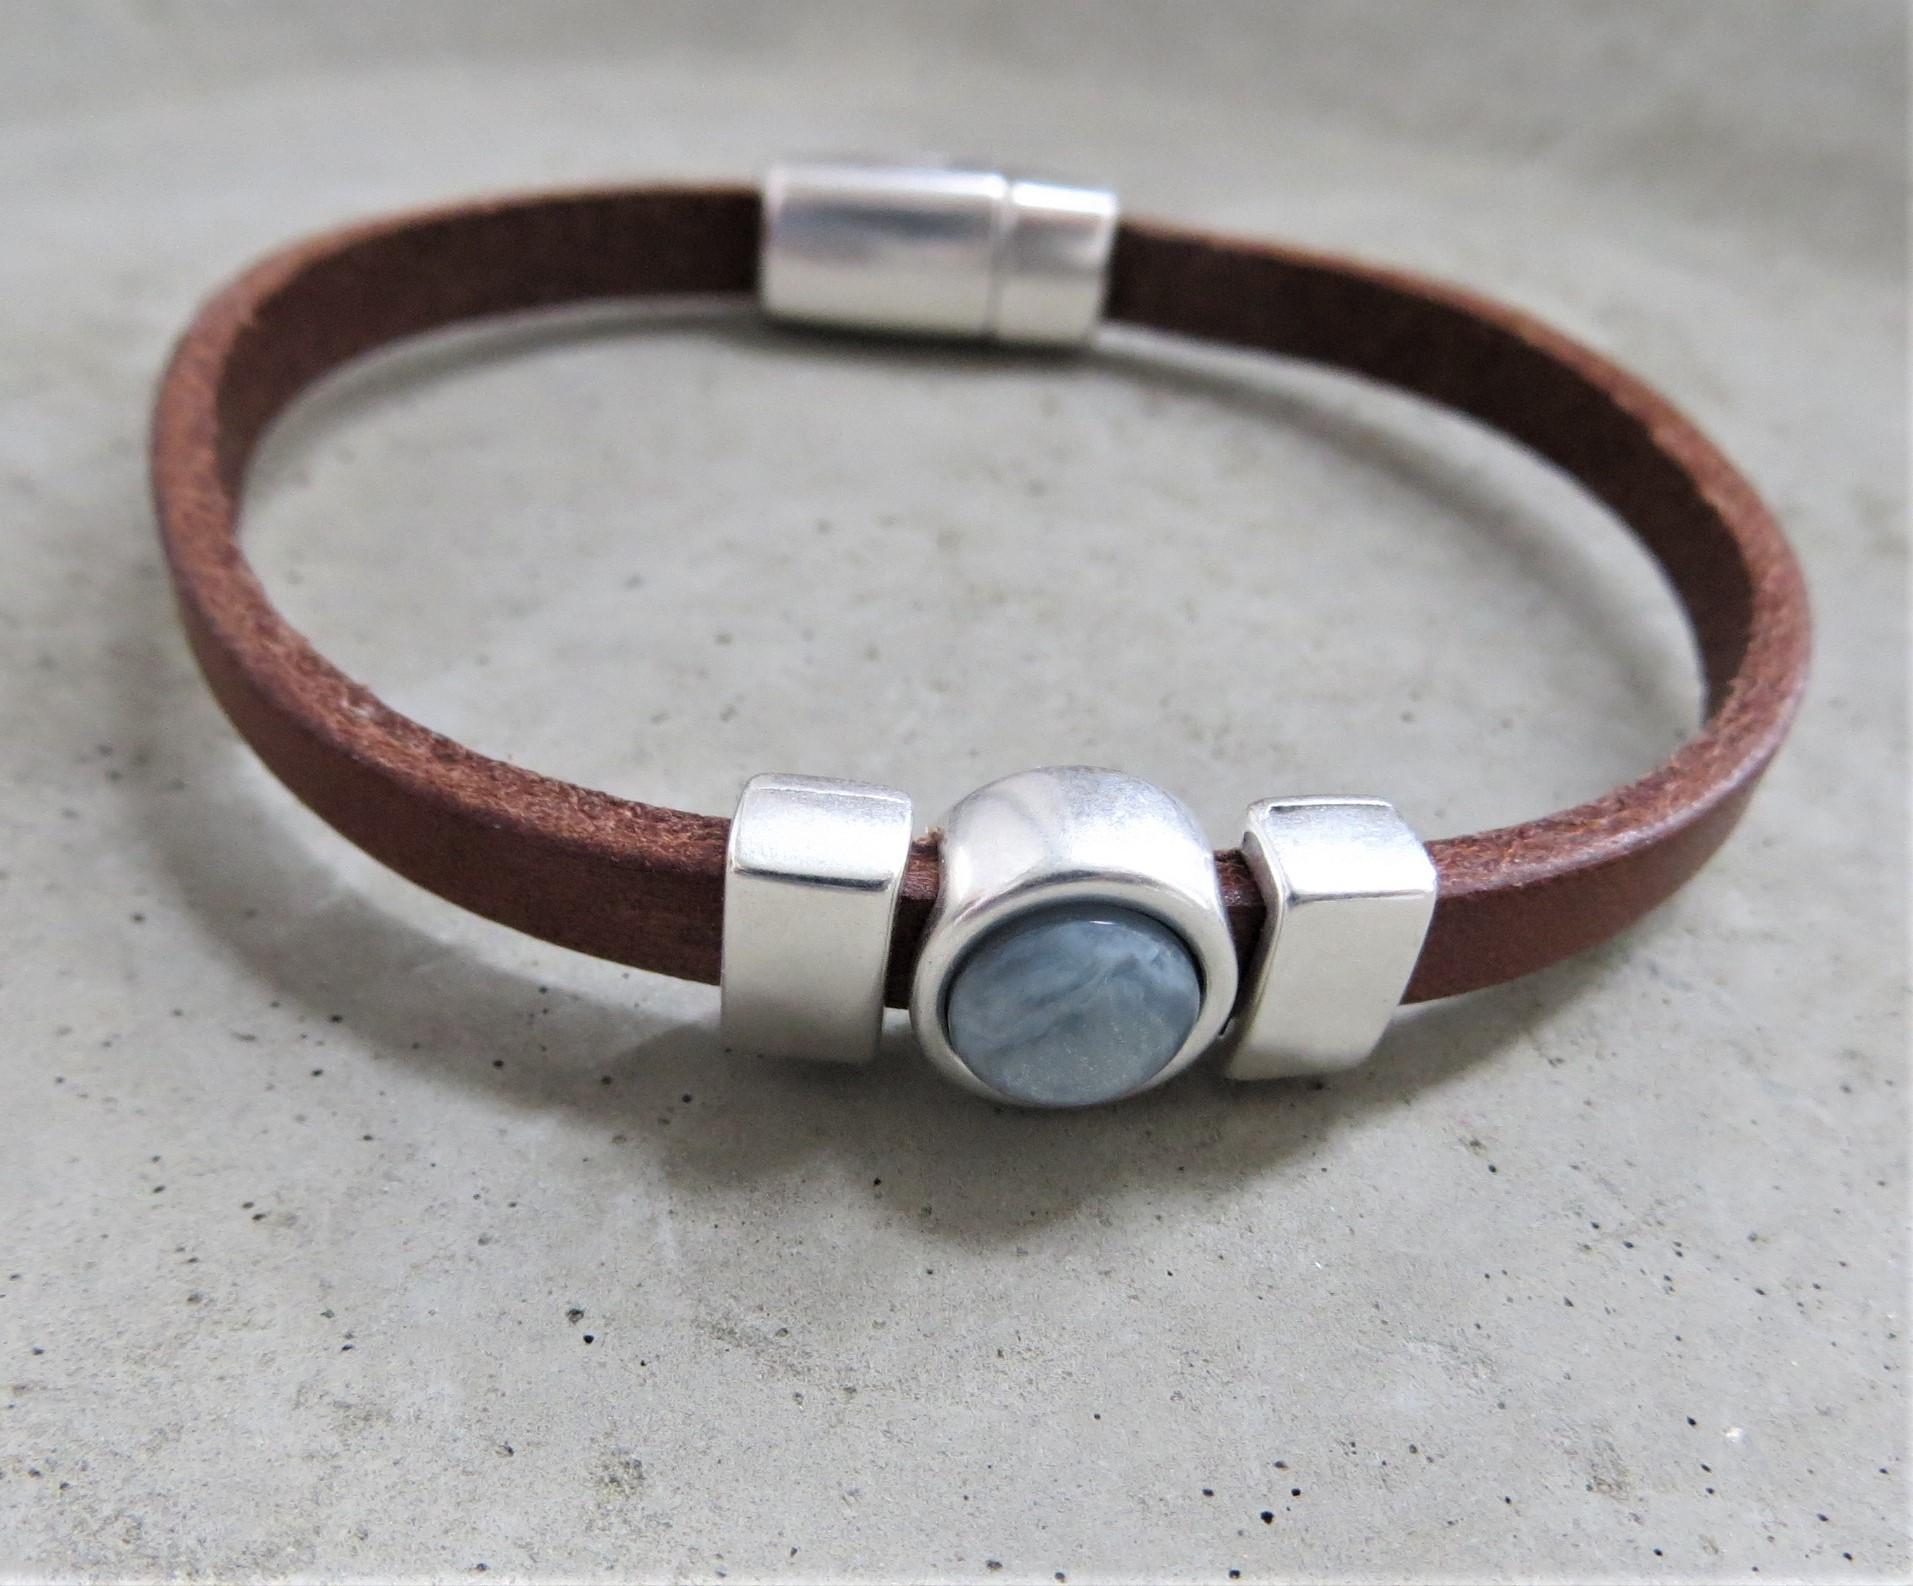 Armbaender für Frauen - QOSS Armband CHARLOTTE Braun Eisblau M  - Onlineshop Tante Emmer